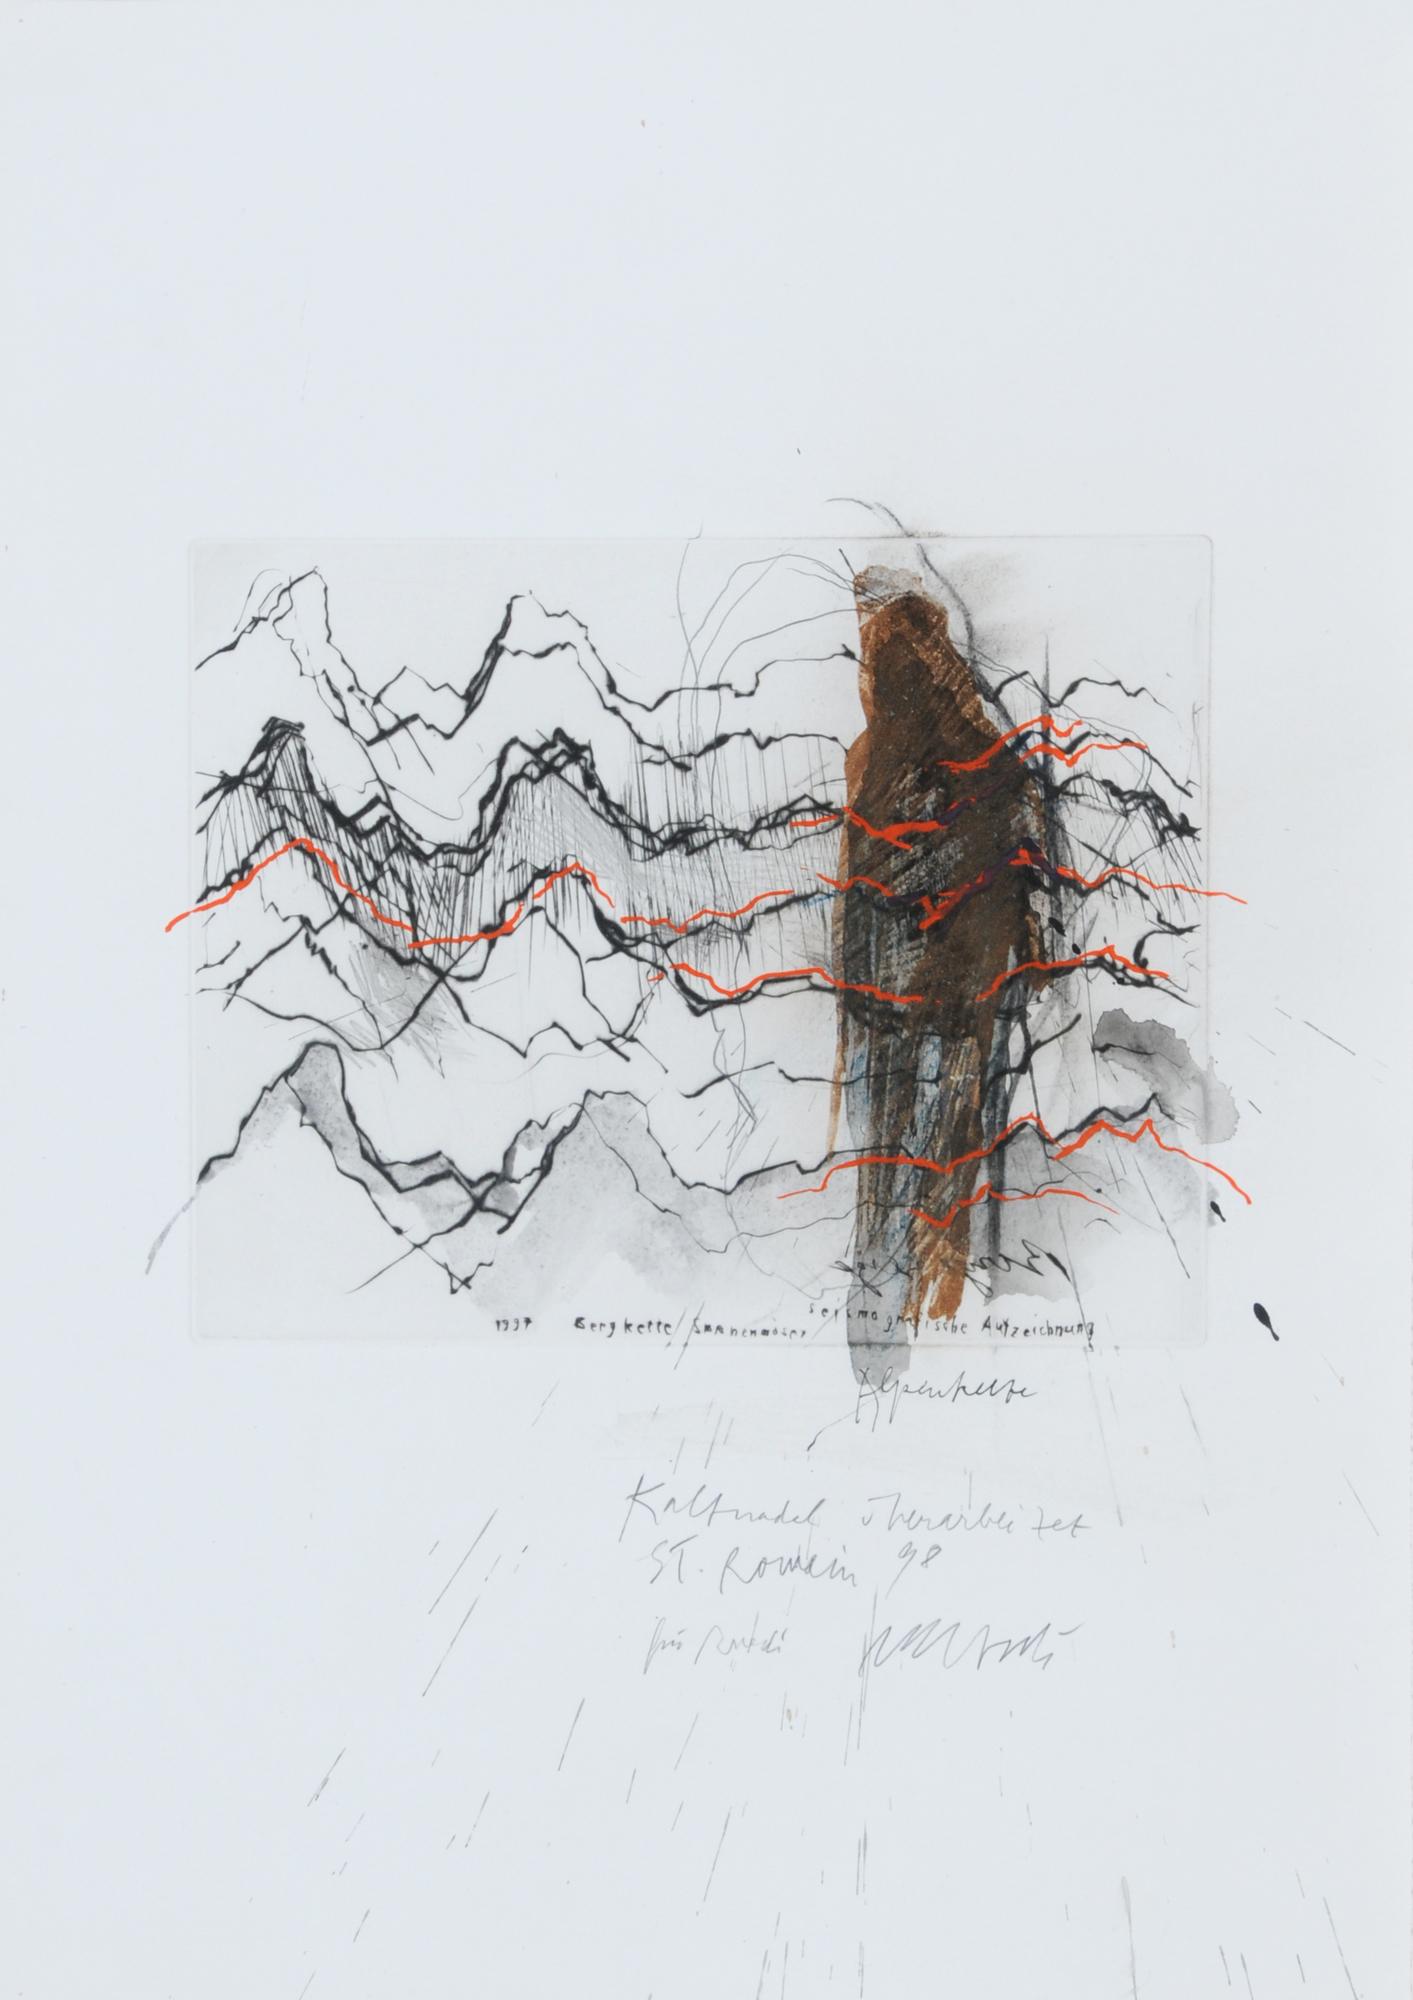 Iseli Rolf, Bergkette Saanenmöser - seismografische Aufzeichnung